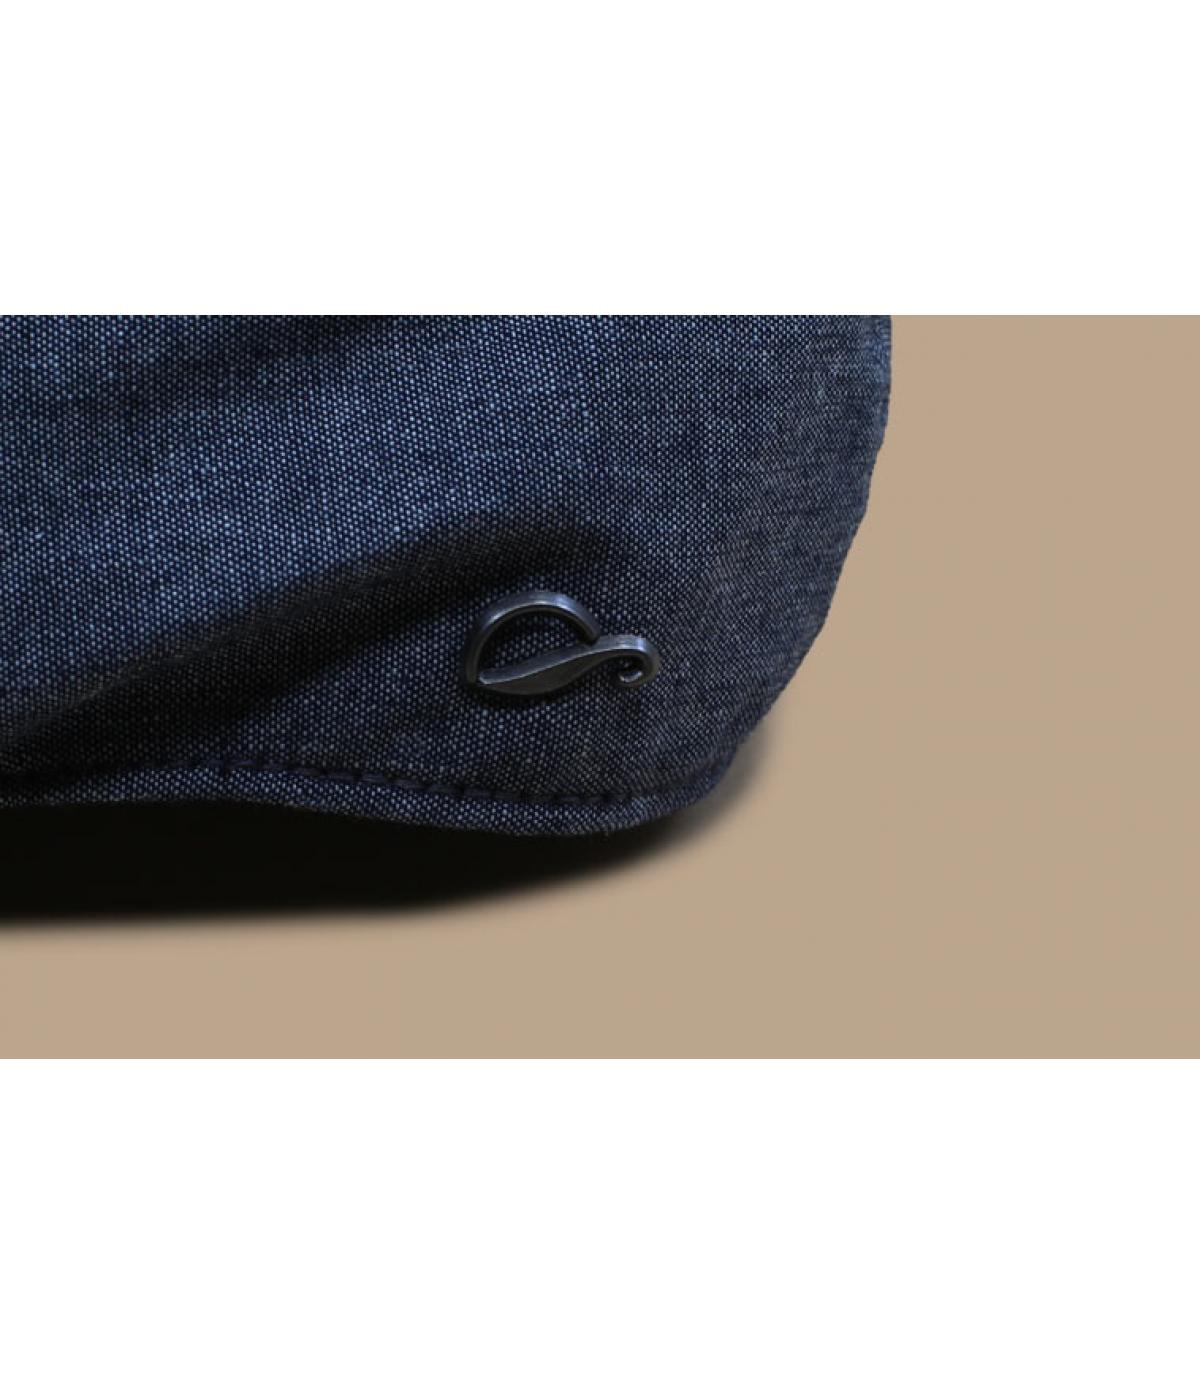 Détails Jackson Coton jean - image 3